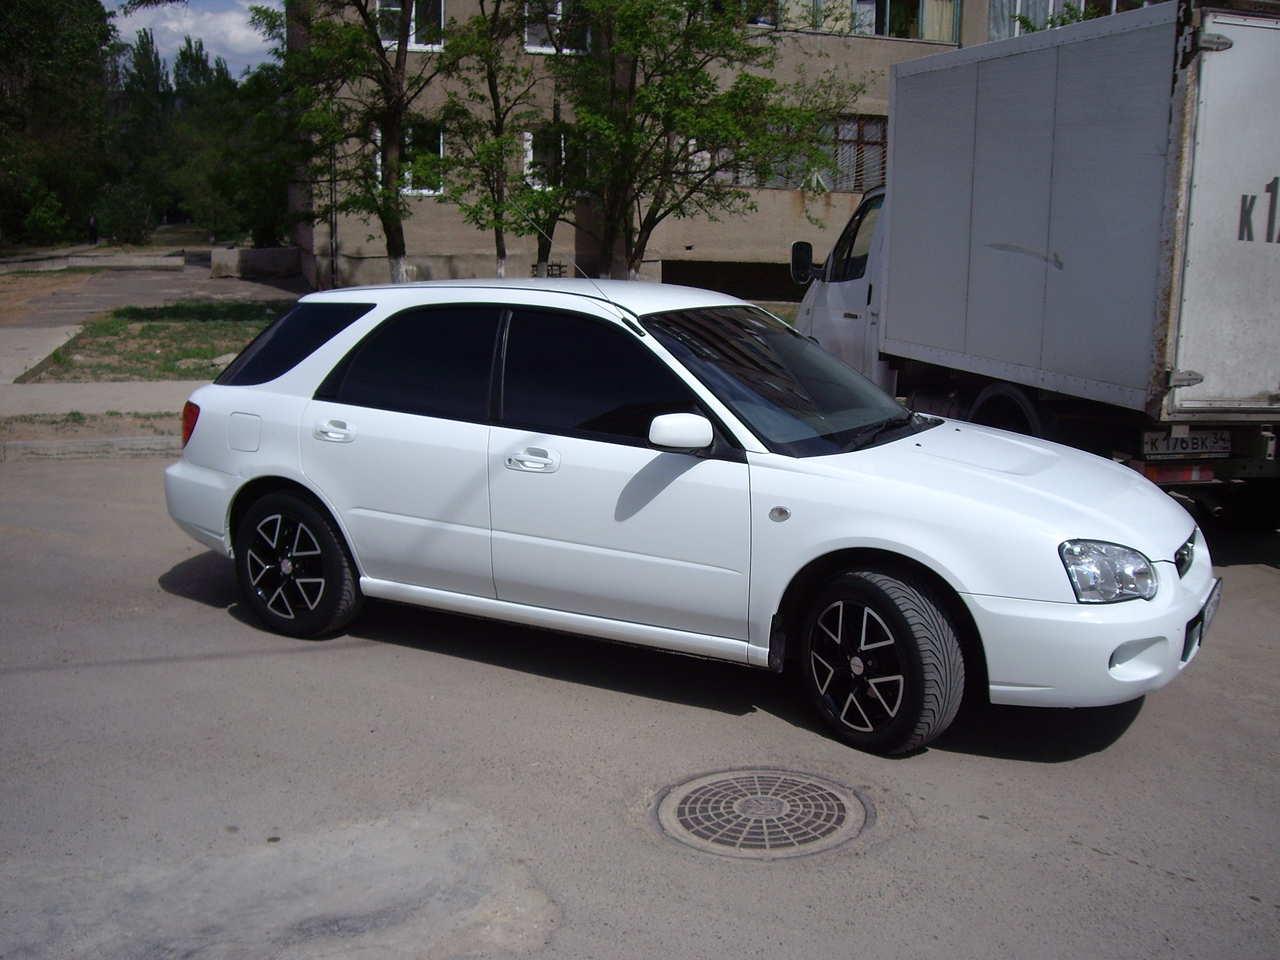 2003 Subaru Impreza Wagon Pictures 1 5l Gasoline